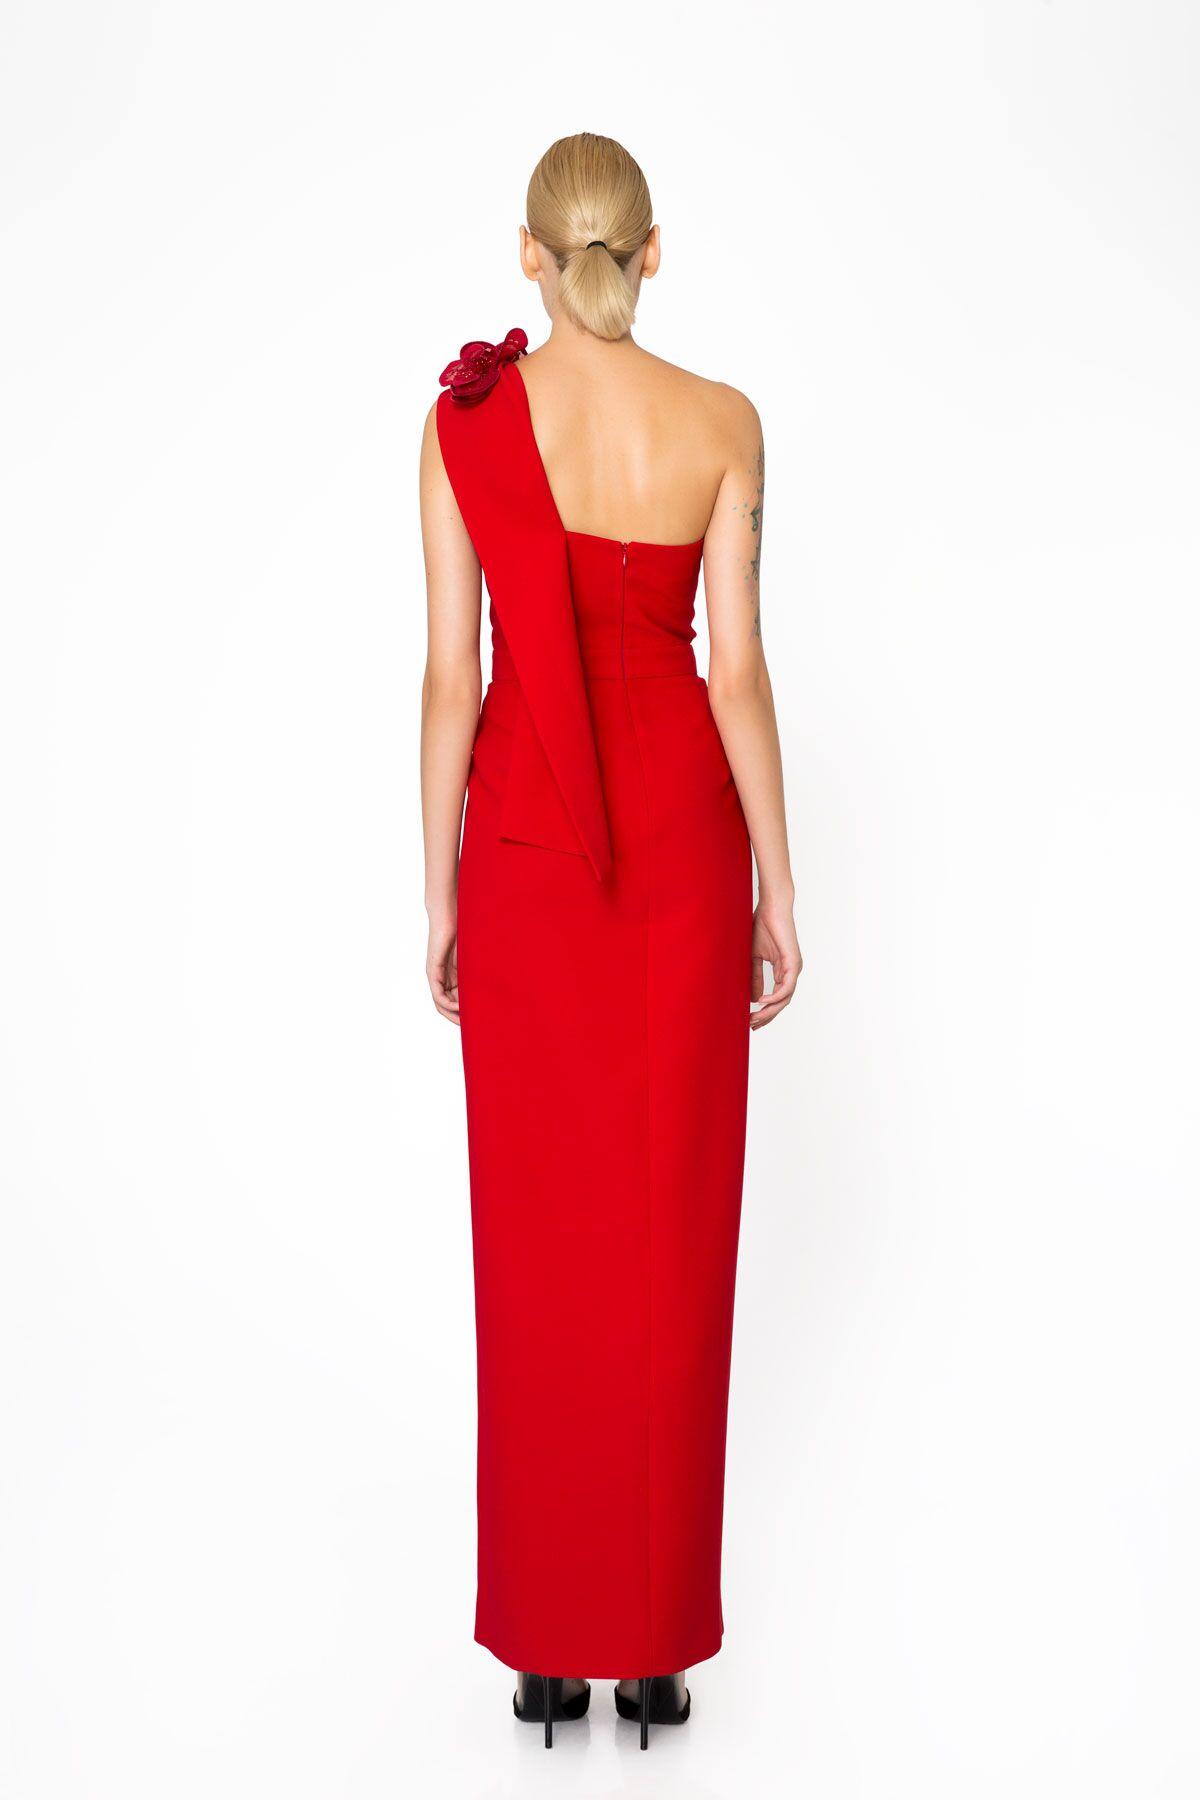 Tek Omuz Asimetrik Yırtmaçlı Kırmızı Gece Elbisesi